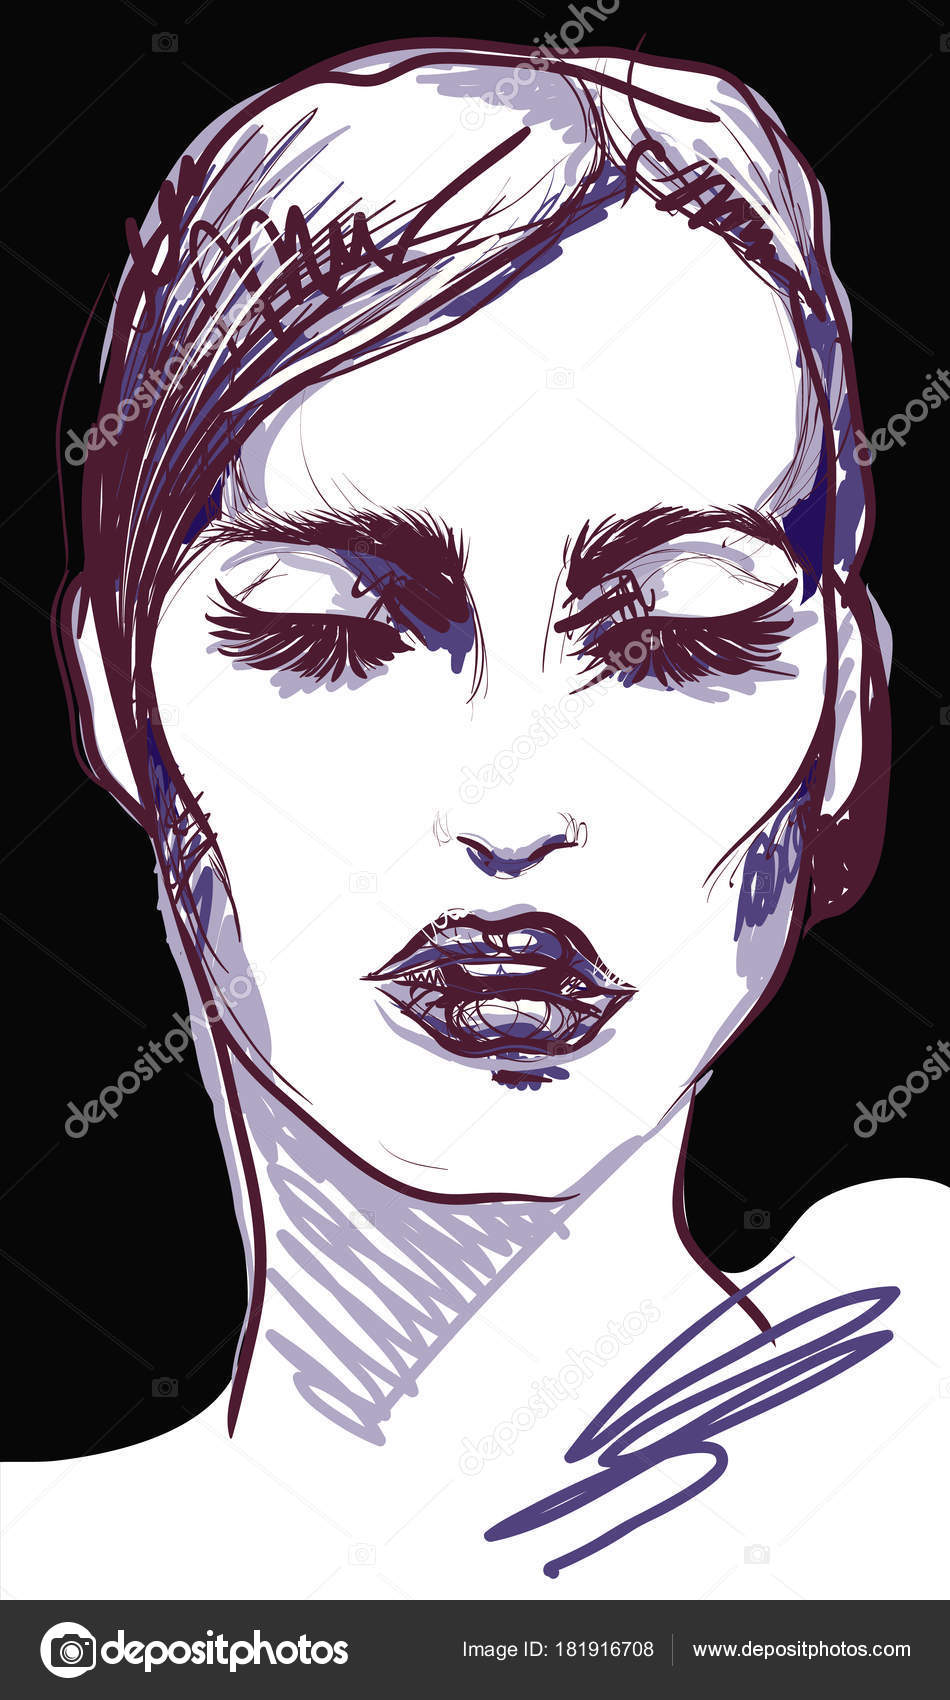 Ritratto di donna grafico di voga con labbra nero lucido e moda slogan.  illustrazione vettoriale di moda. poster — Vettoriali di ... 79499a1627d3